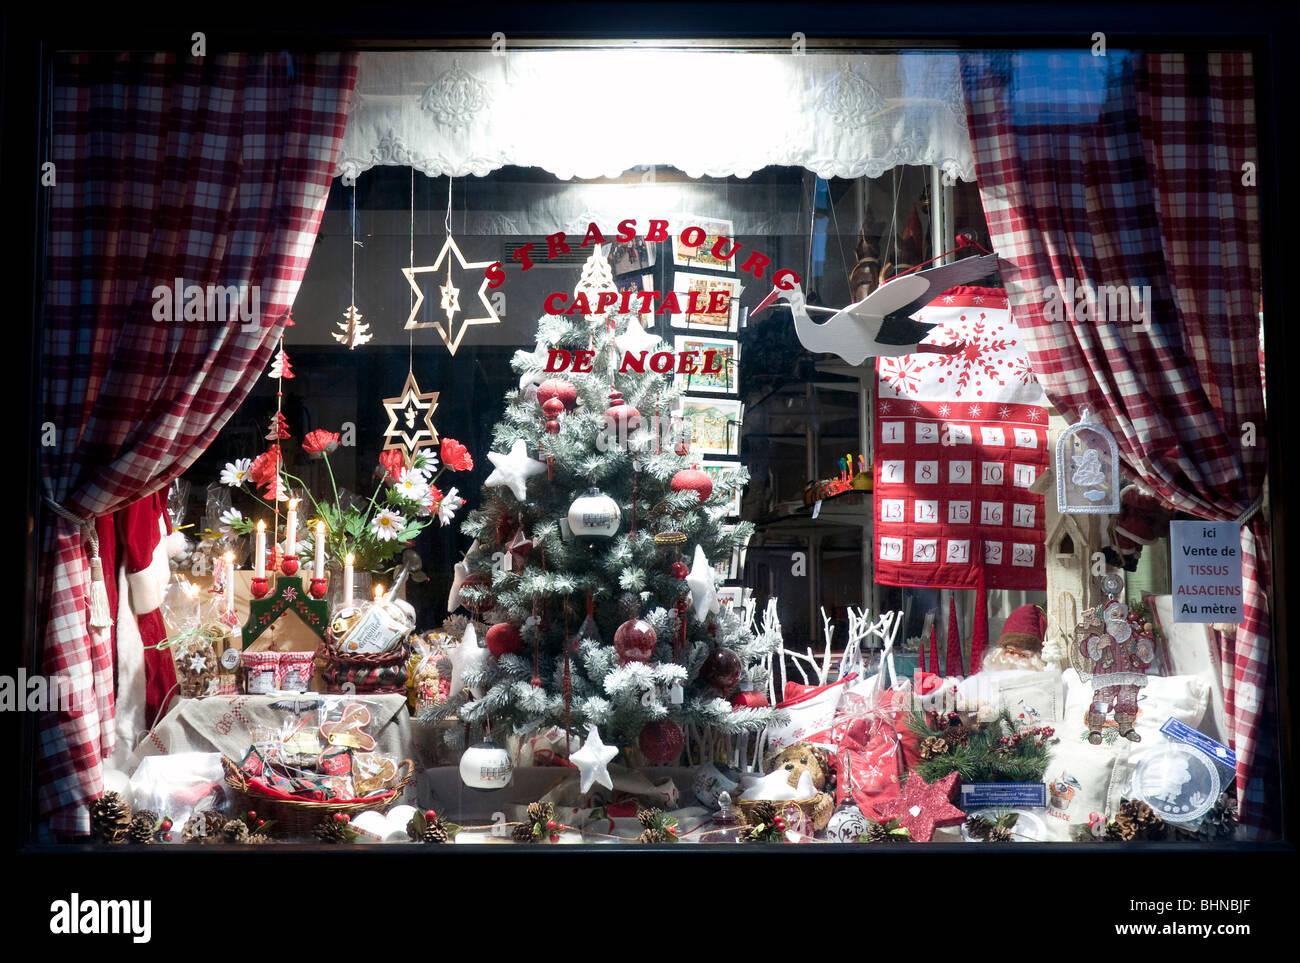 weihnachtsdekoration mit weihnachtsbaum im schaufenster in. Black Bedroom Furniture Sets. Home Design Ideas